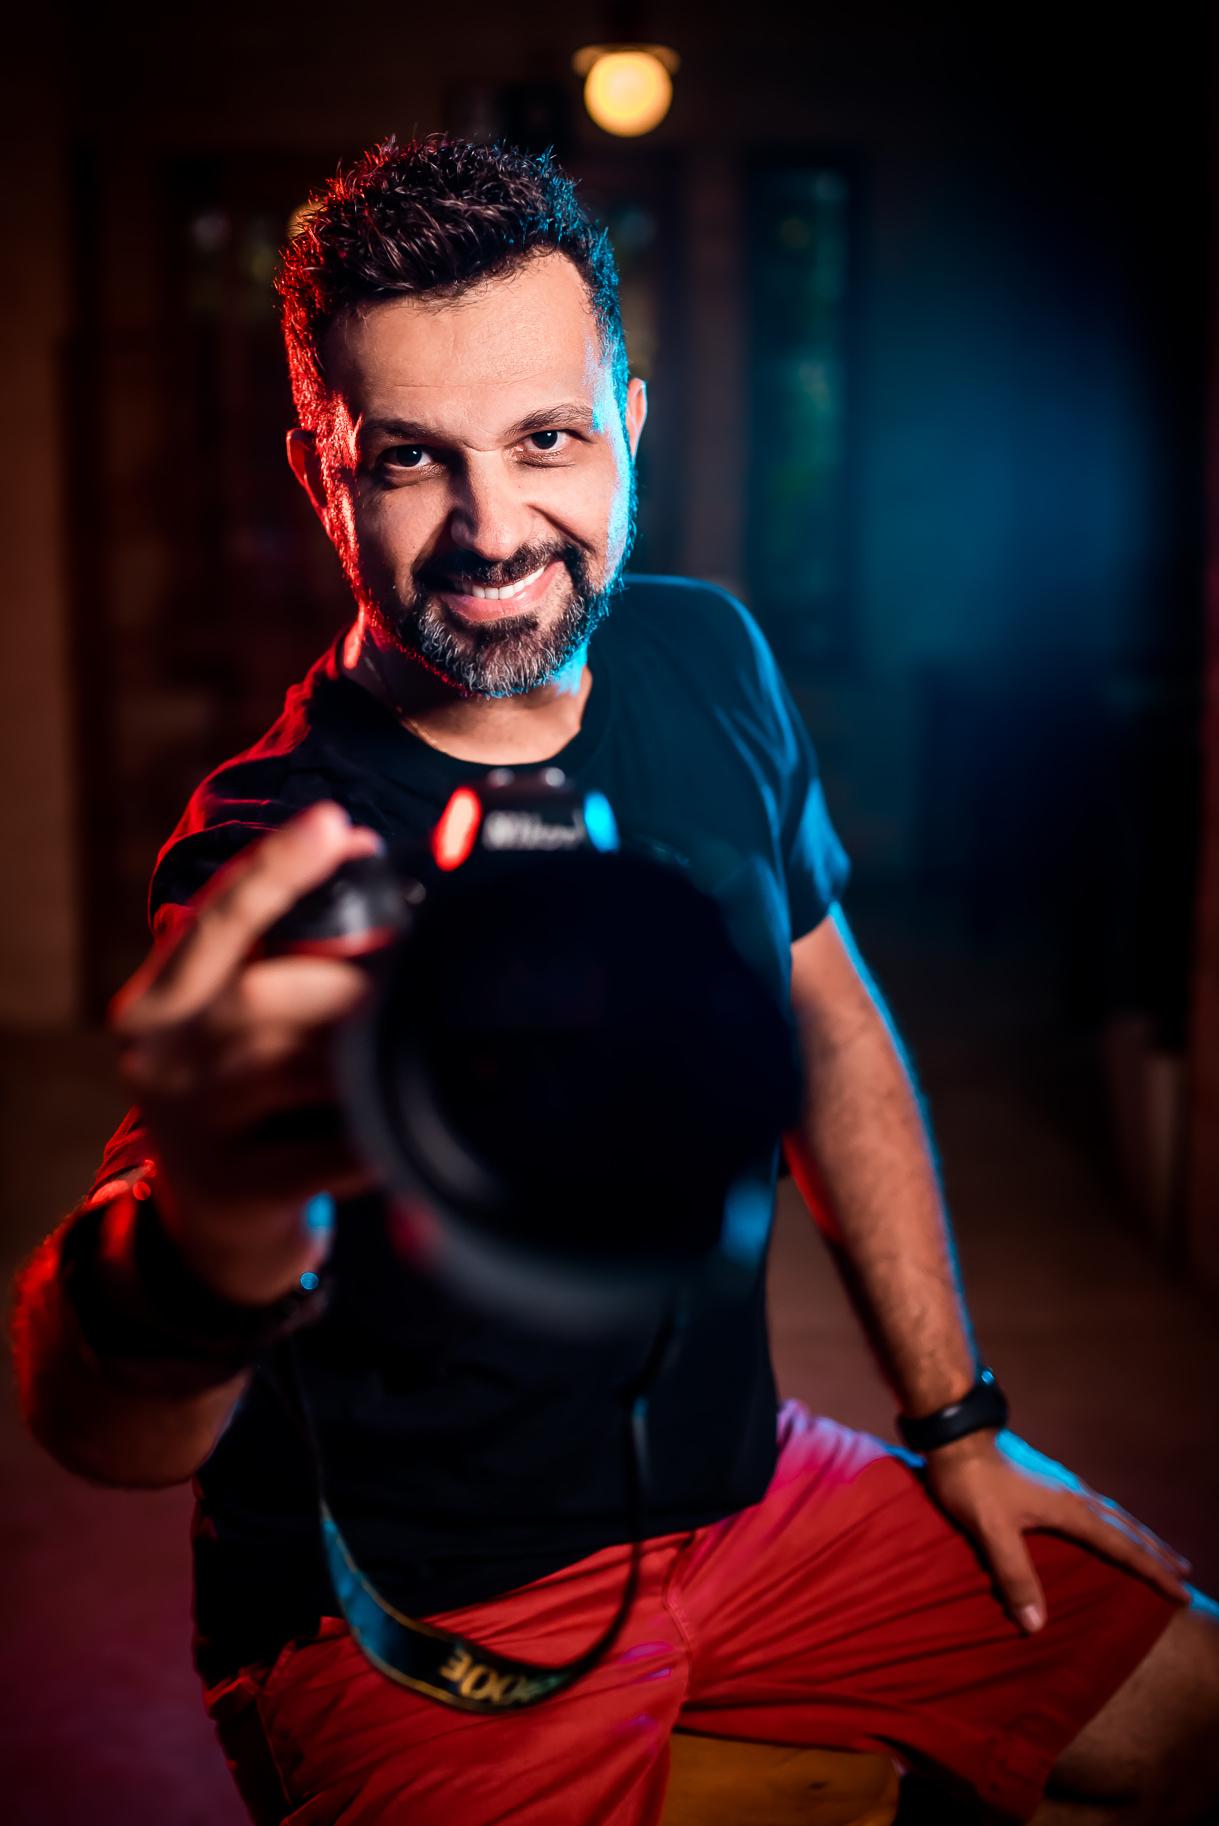 Contate Fotógrafo de Gestantes, Aniversários,15 Anos... Resende - RJ